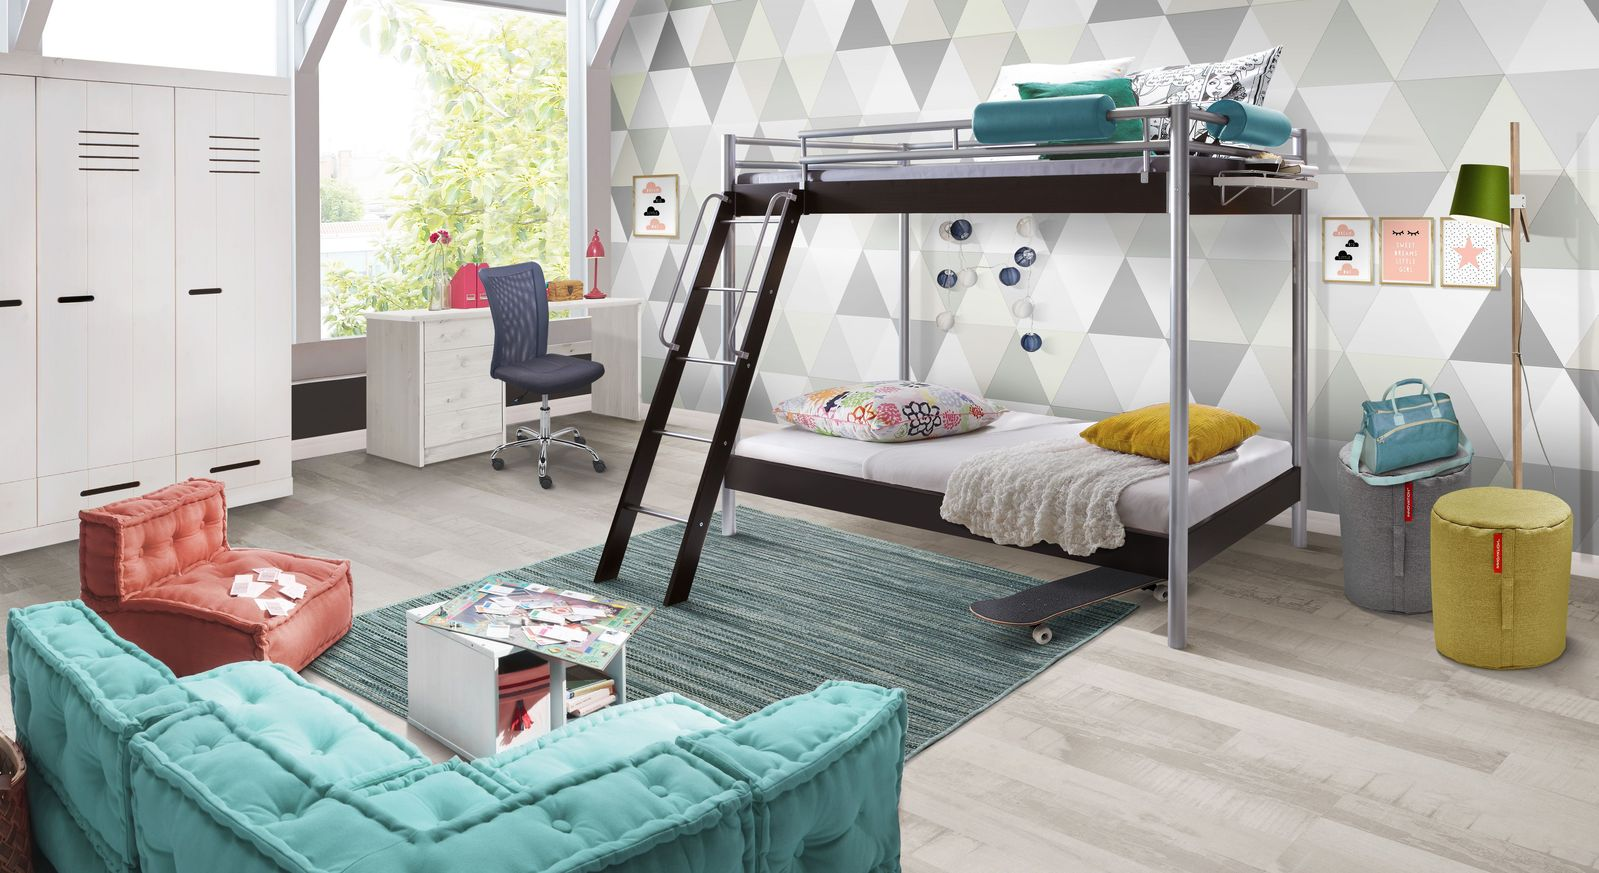 Etagenbett Finn mit passender Kinderzimmer-Ausstattung